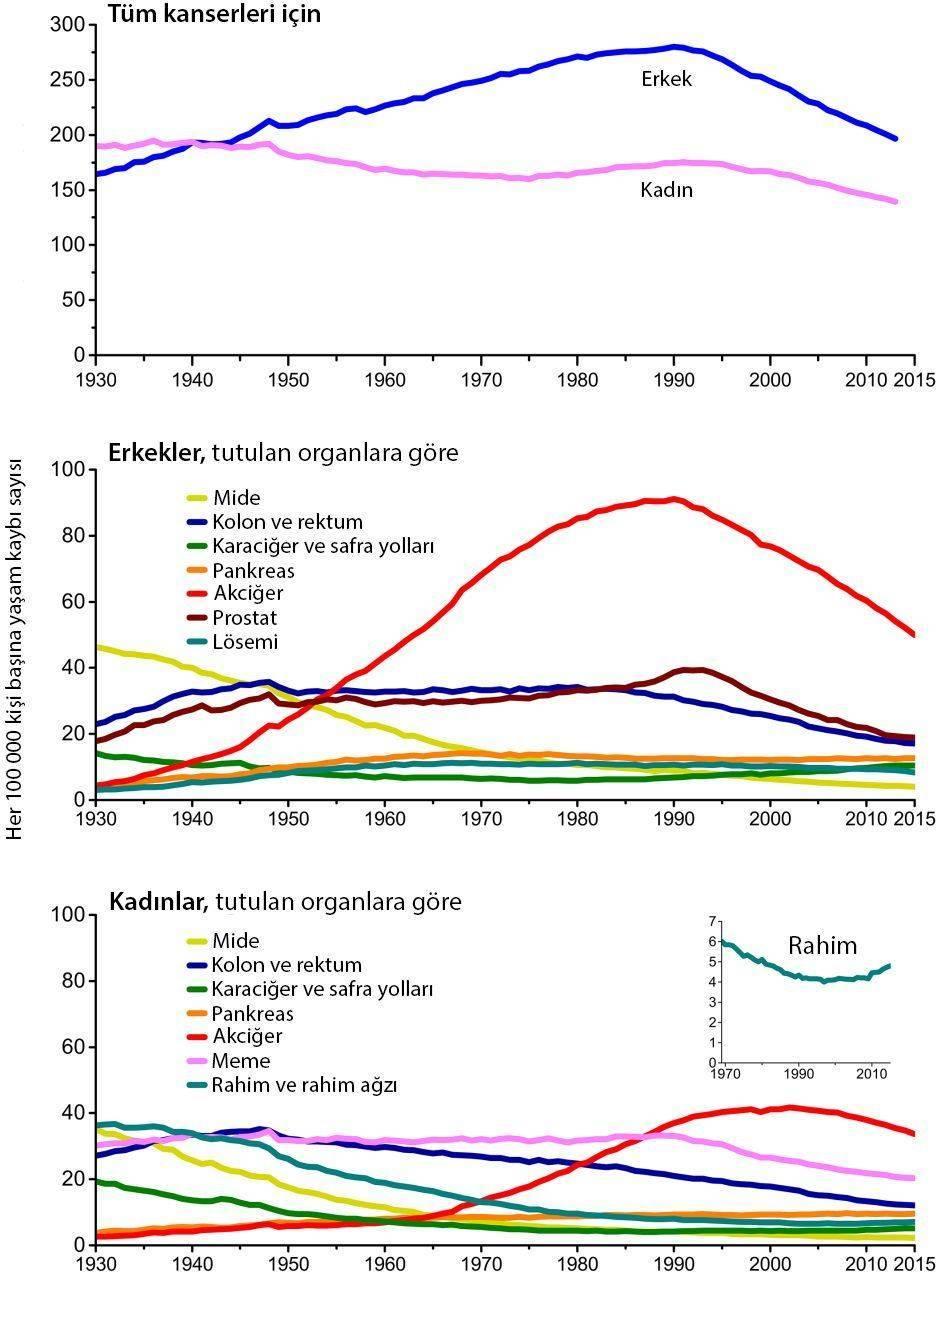 kanser istatistikleri yasam kaybi oranlari yıllara göre